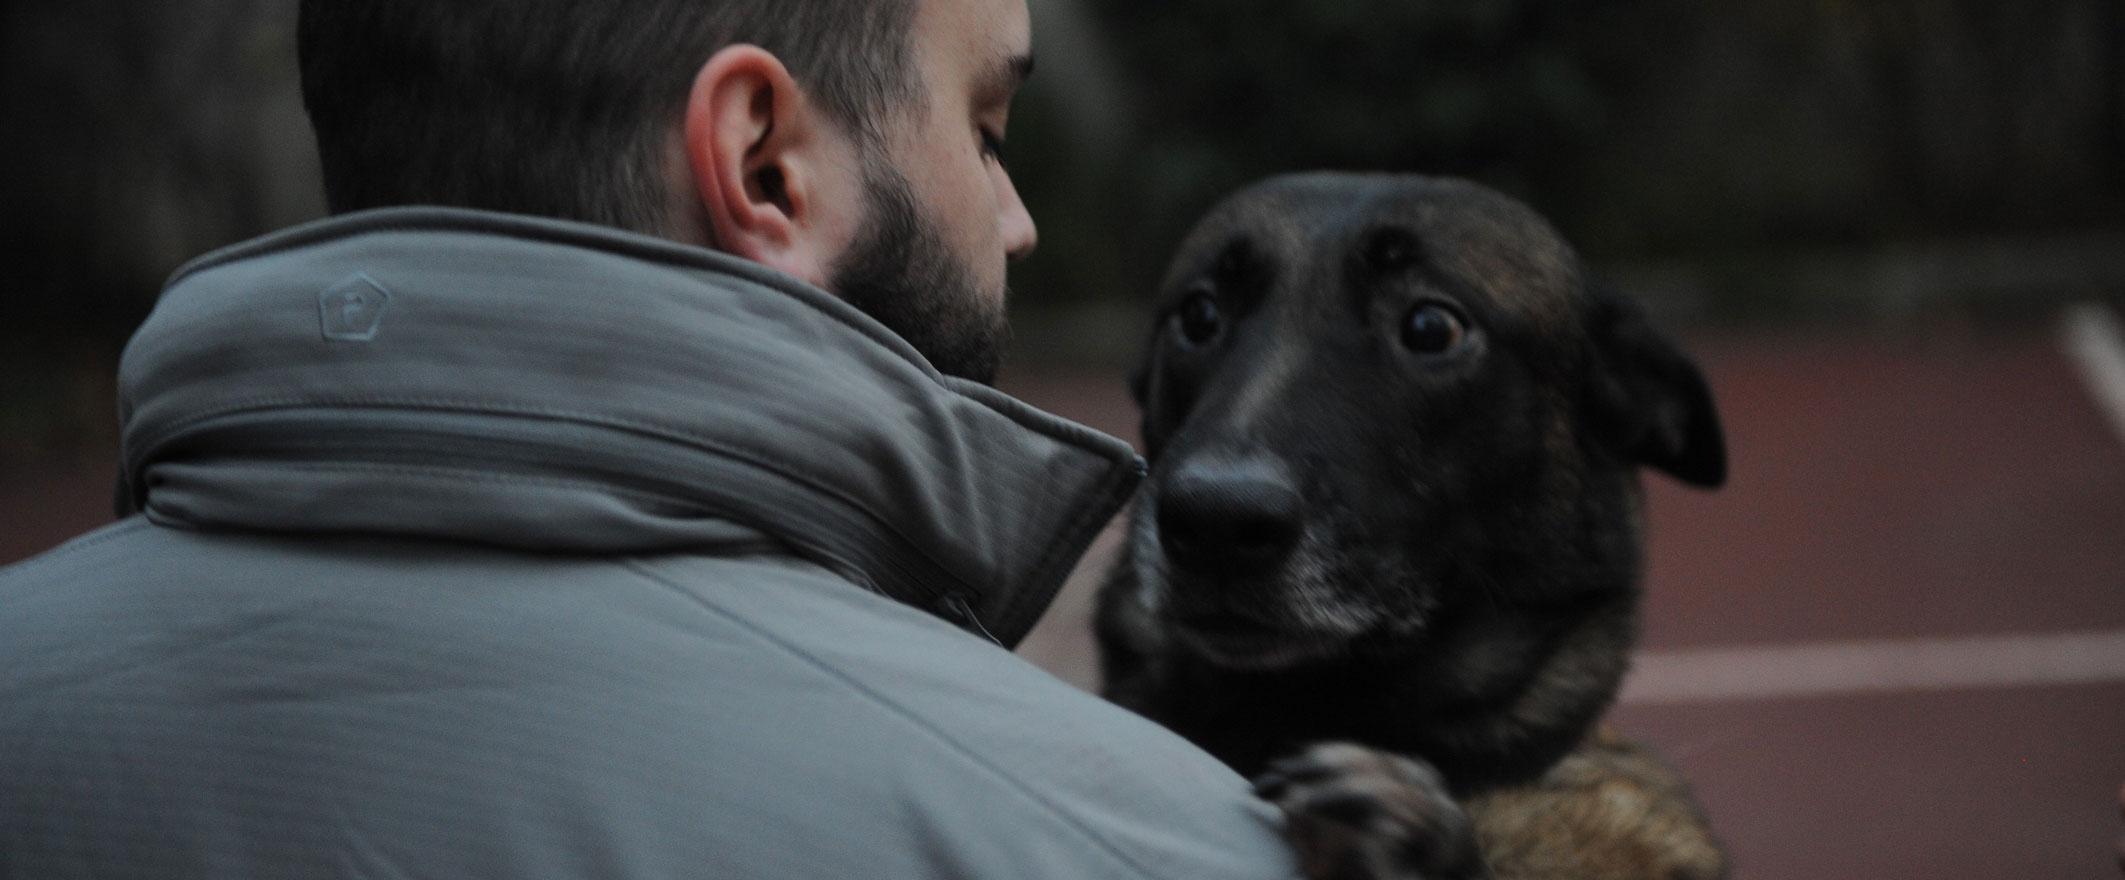 chien sécurité paris malinois paris gardiennage